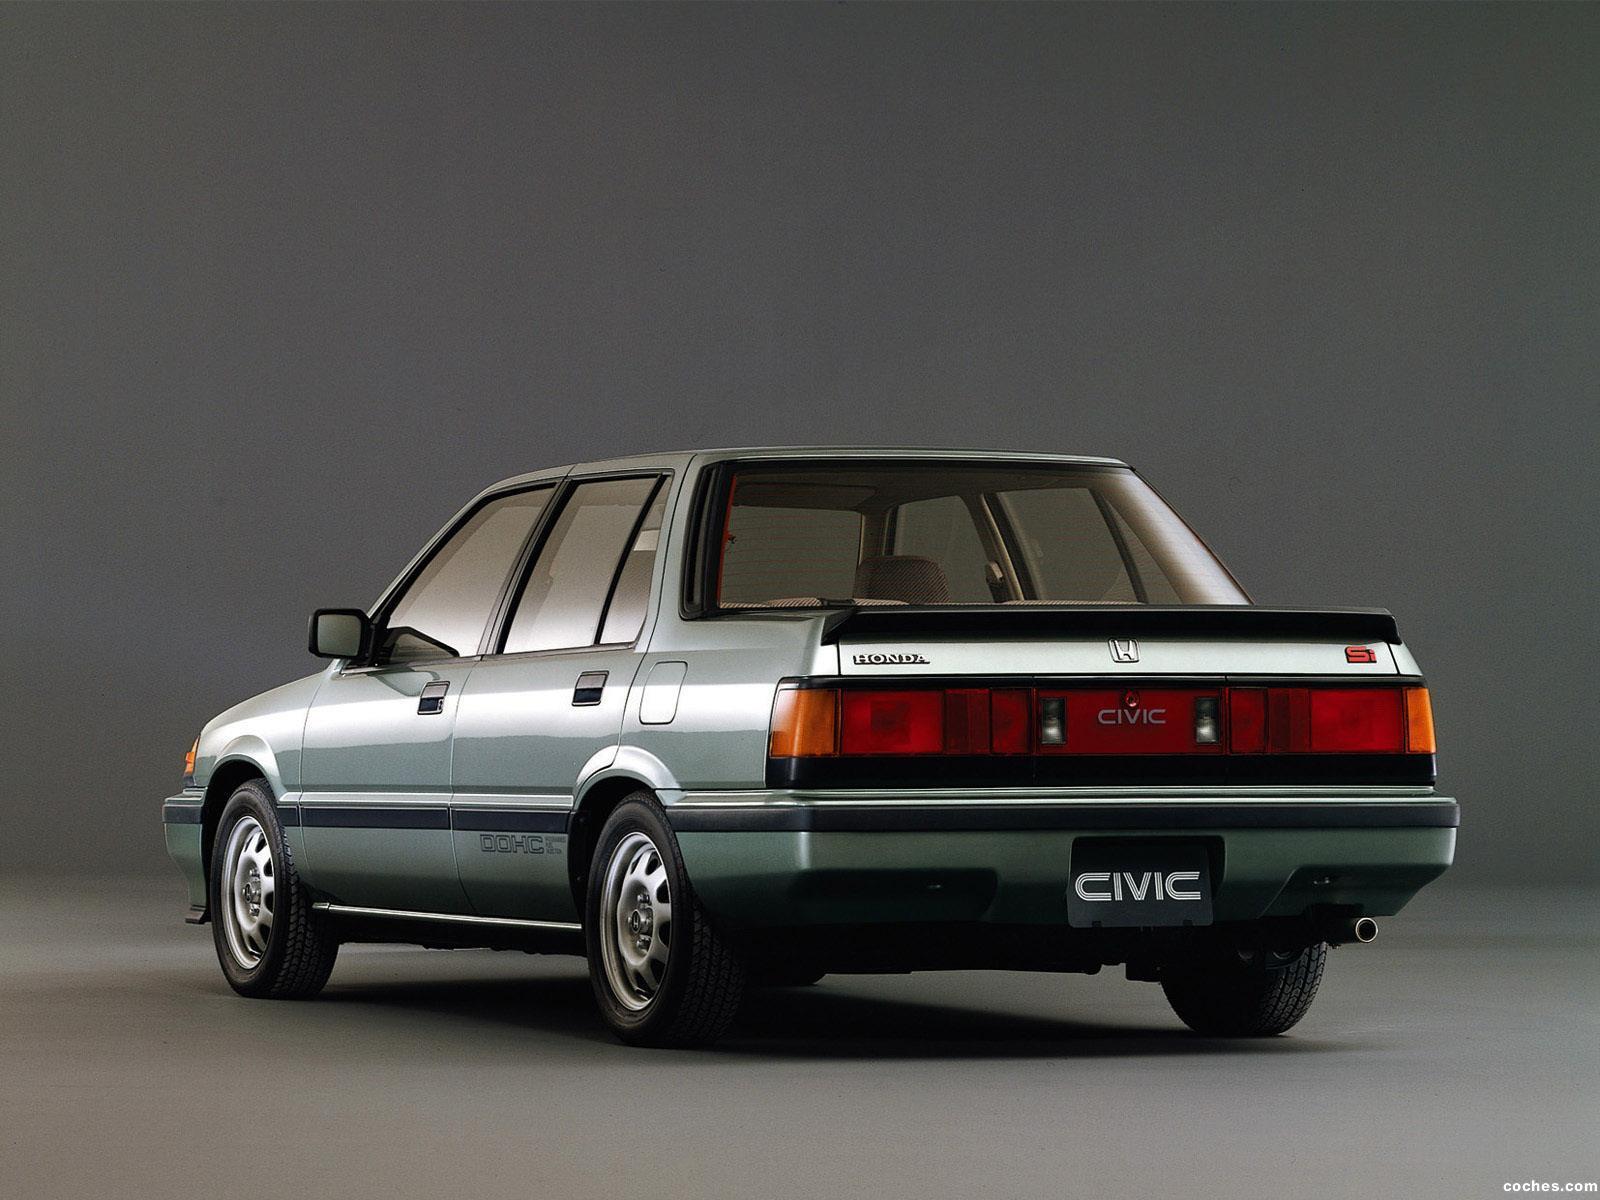 Fotos de honda civic si sedan 1985 foto 1 for Honda civic 1985